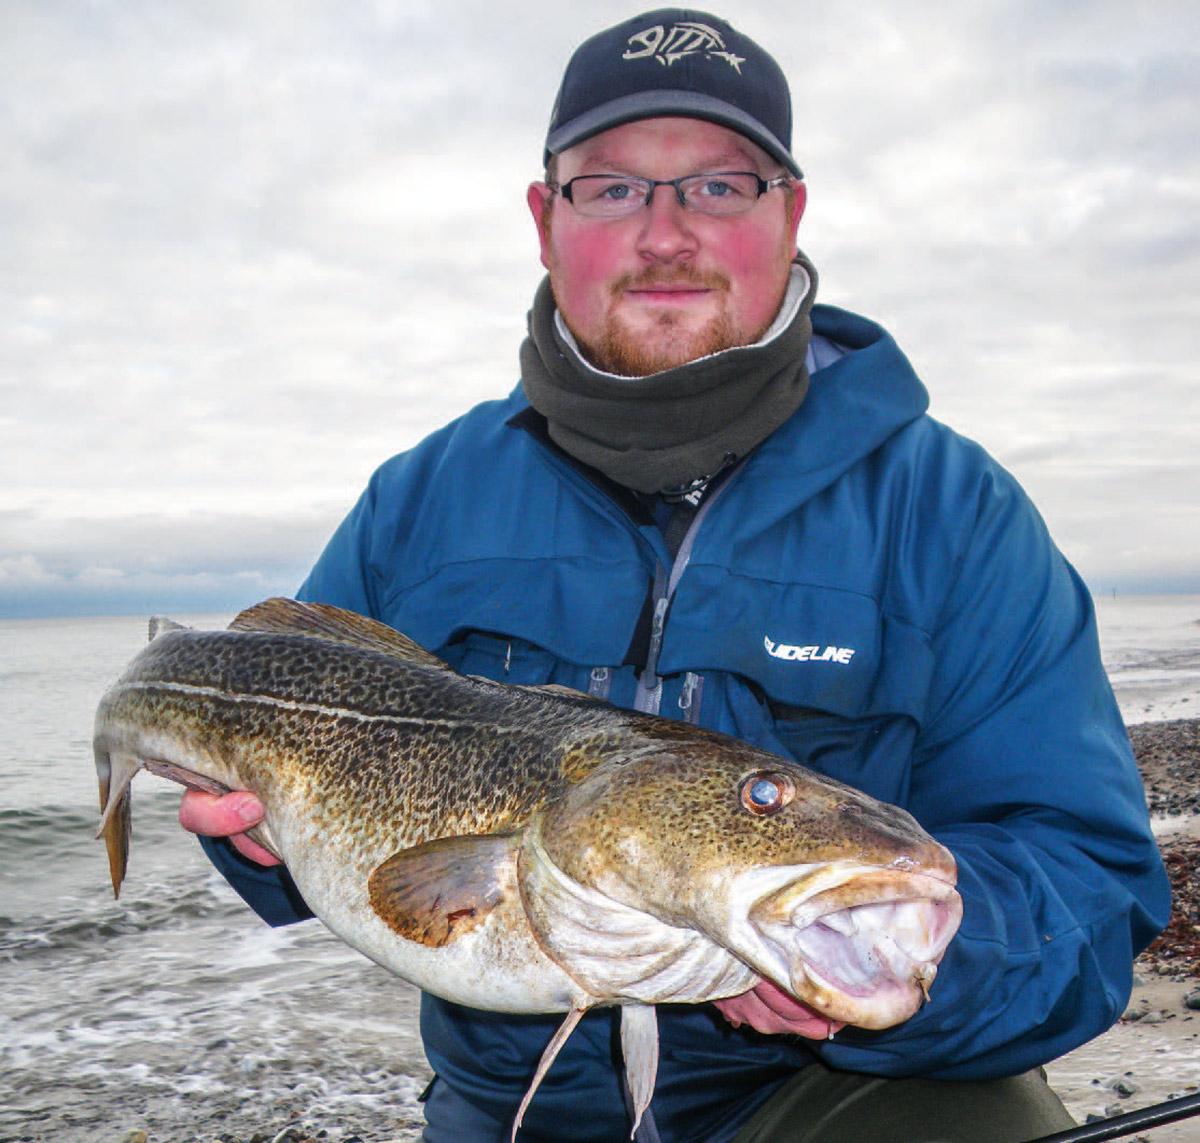 Især i november-december er østkysten leveringsdygtig i store torsk. Fisken på billedet er ikke en ualmindelig kysttorsk på Fehmarn.